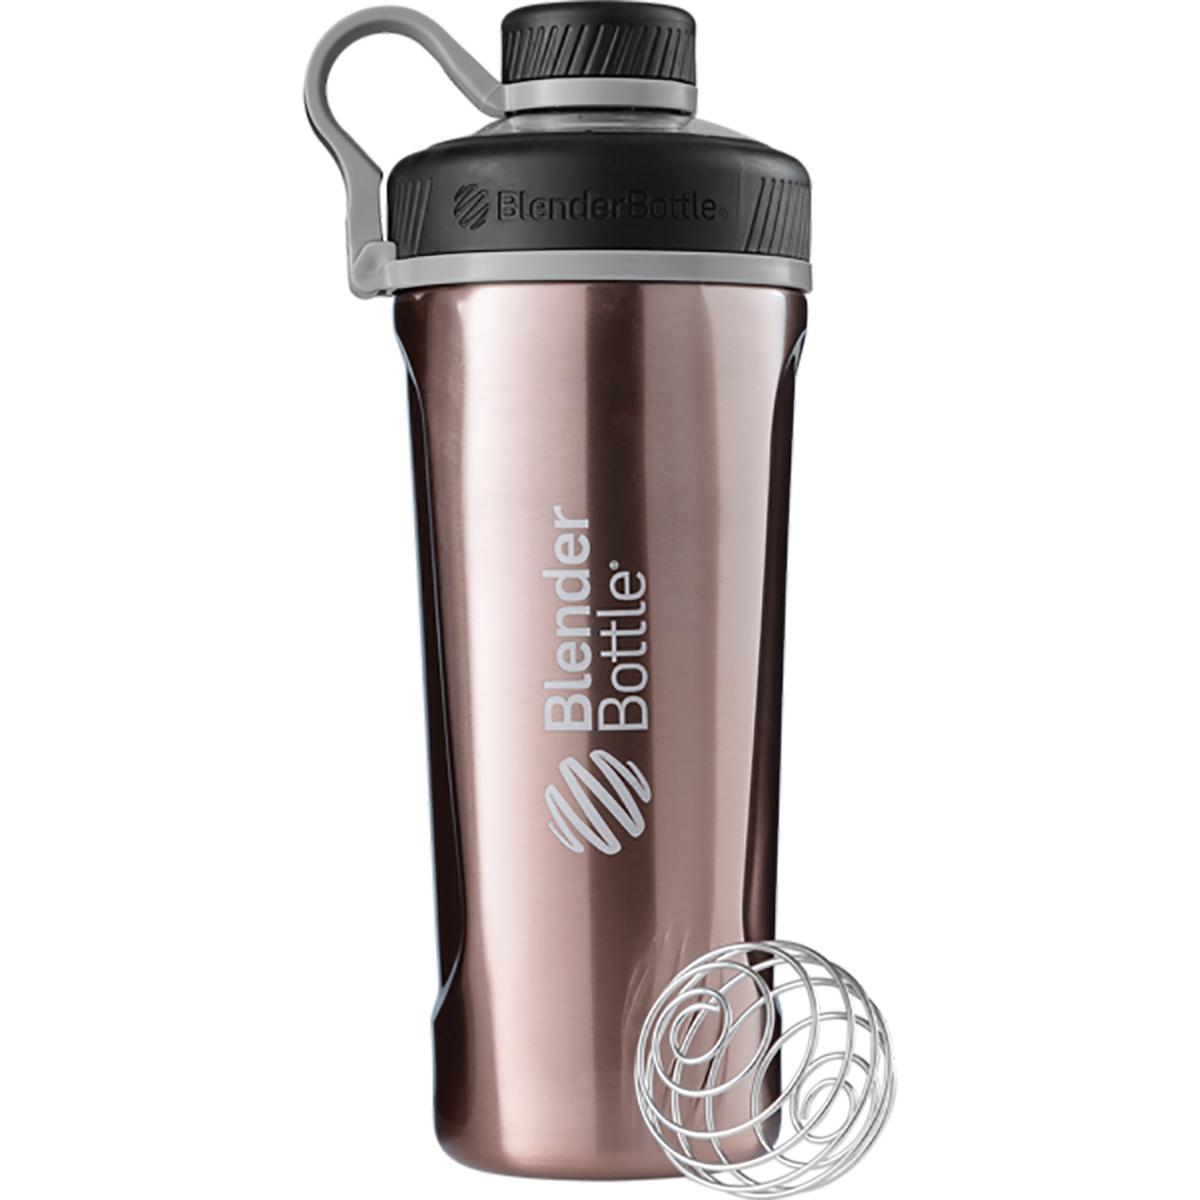 Water Bottle Blender: Blender Bottle Radian 26 Oz. Stainless Steel Shaker Bottle